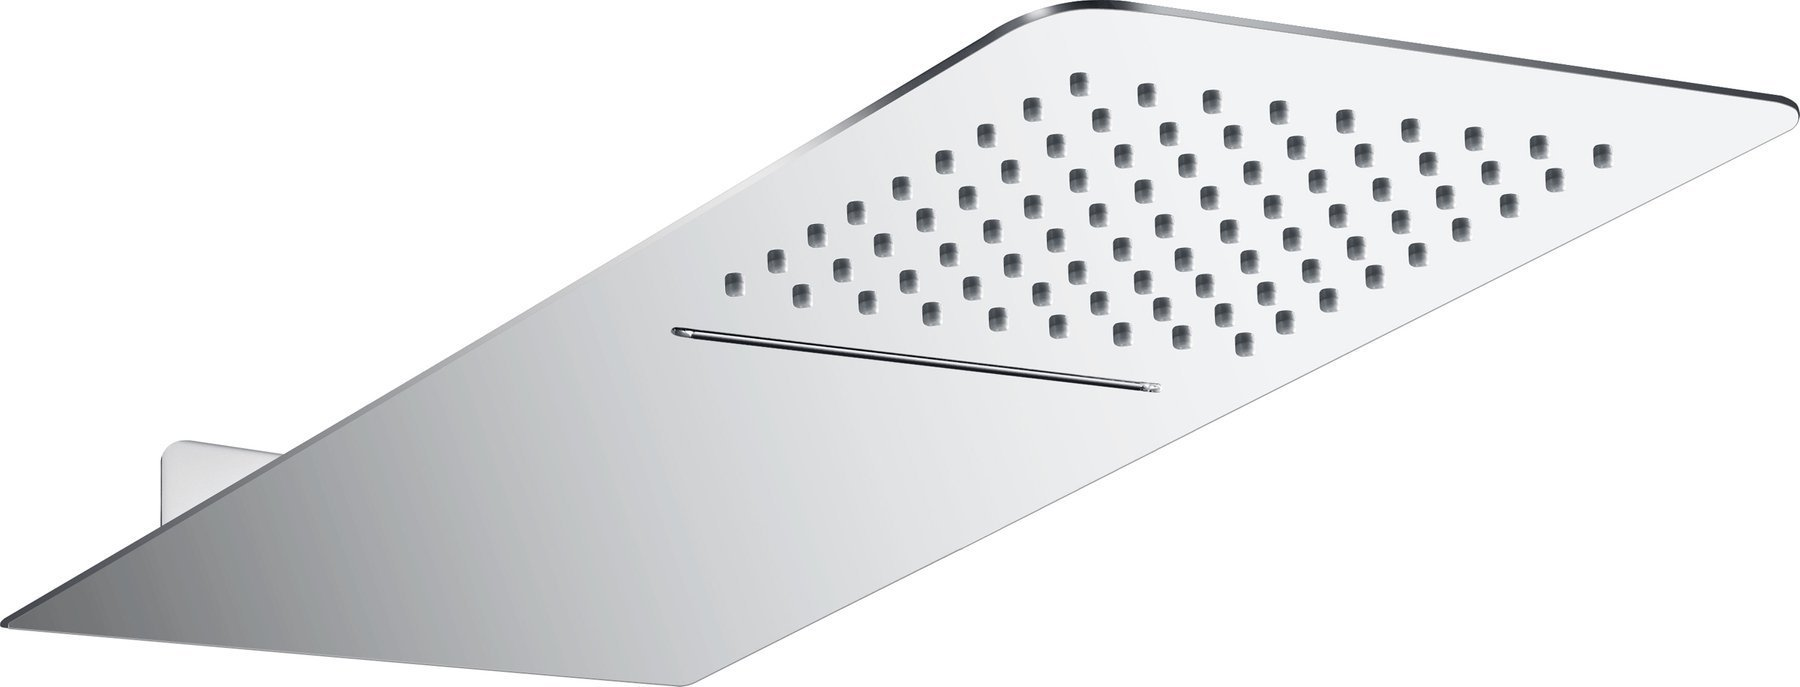 Obdĺžniková sprchová hlavica Corsan CMD59 s kaskádou